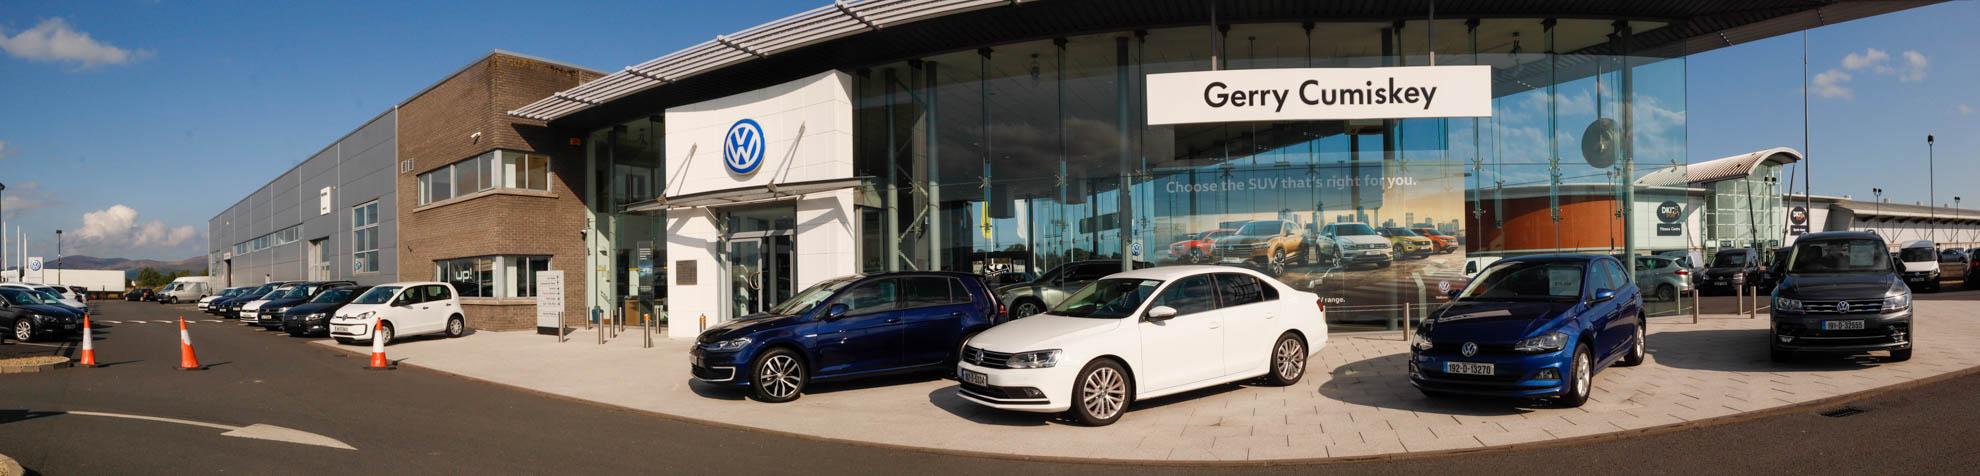 Gerry Cumiskey Volkswagen